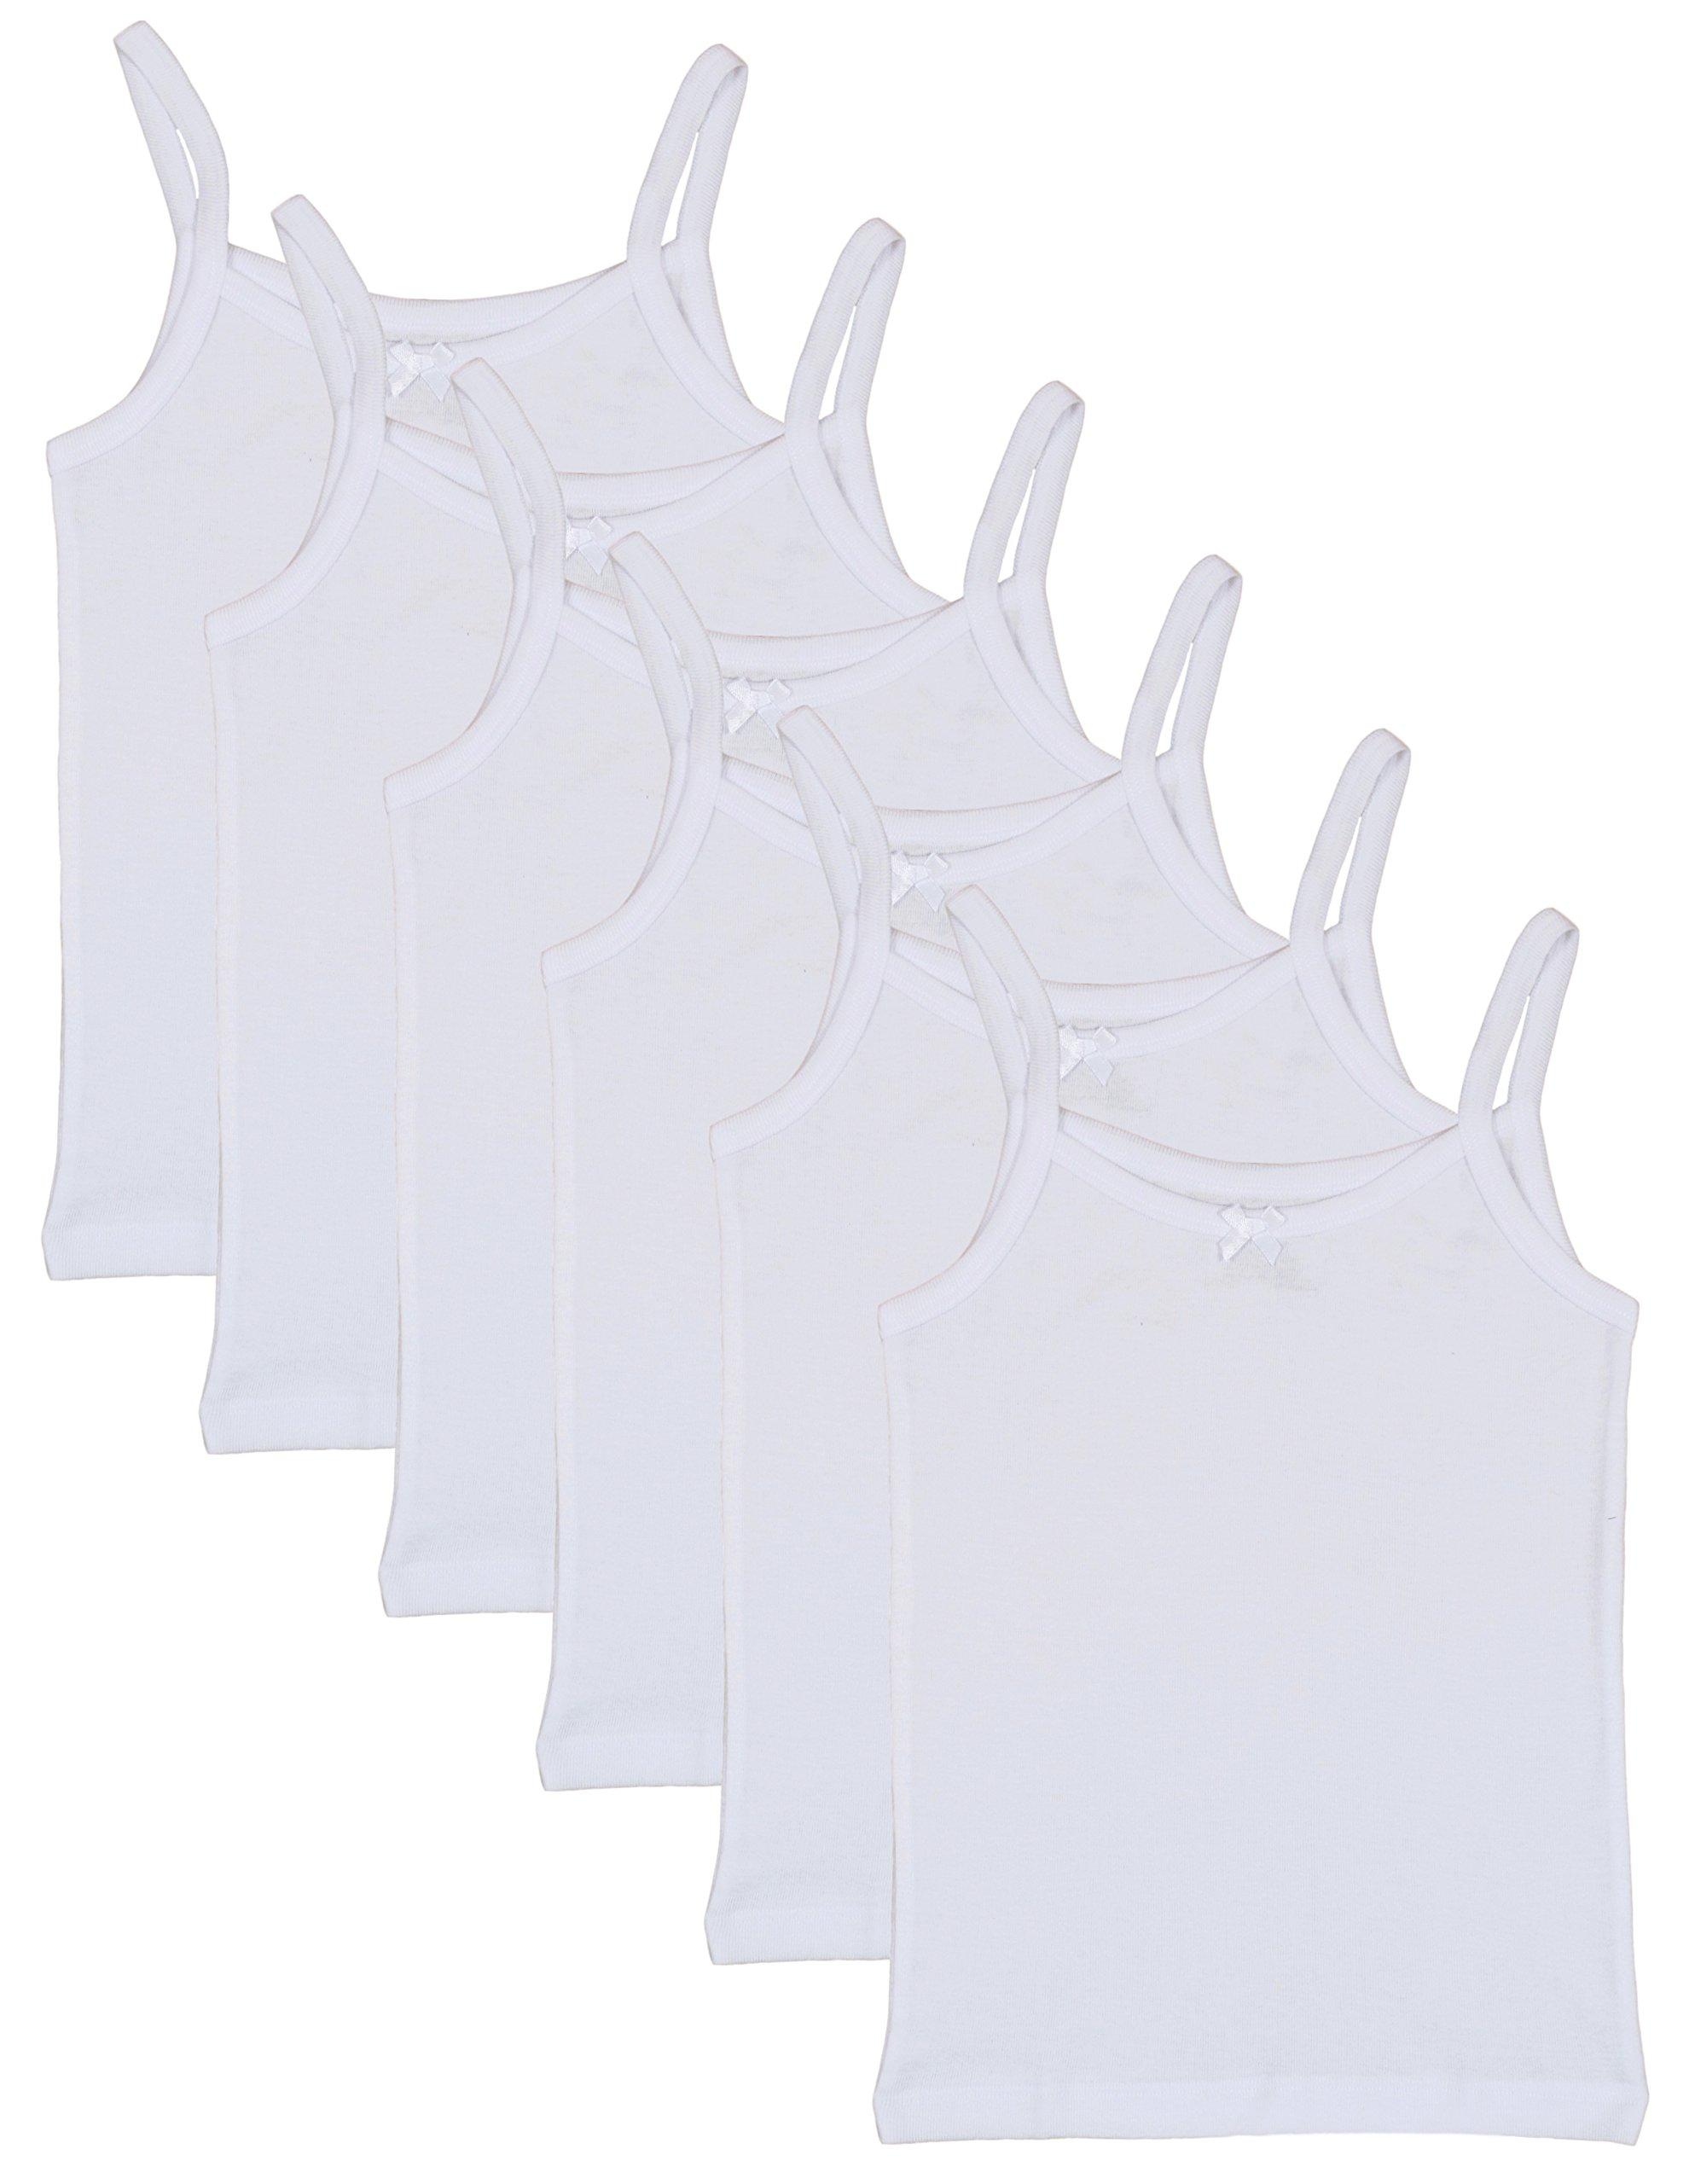 'Rene Rofe Girls Undershirt Camisole Tank Tops, White, X-Small / 4-5 (Pack of 6)'